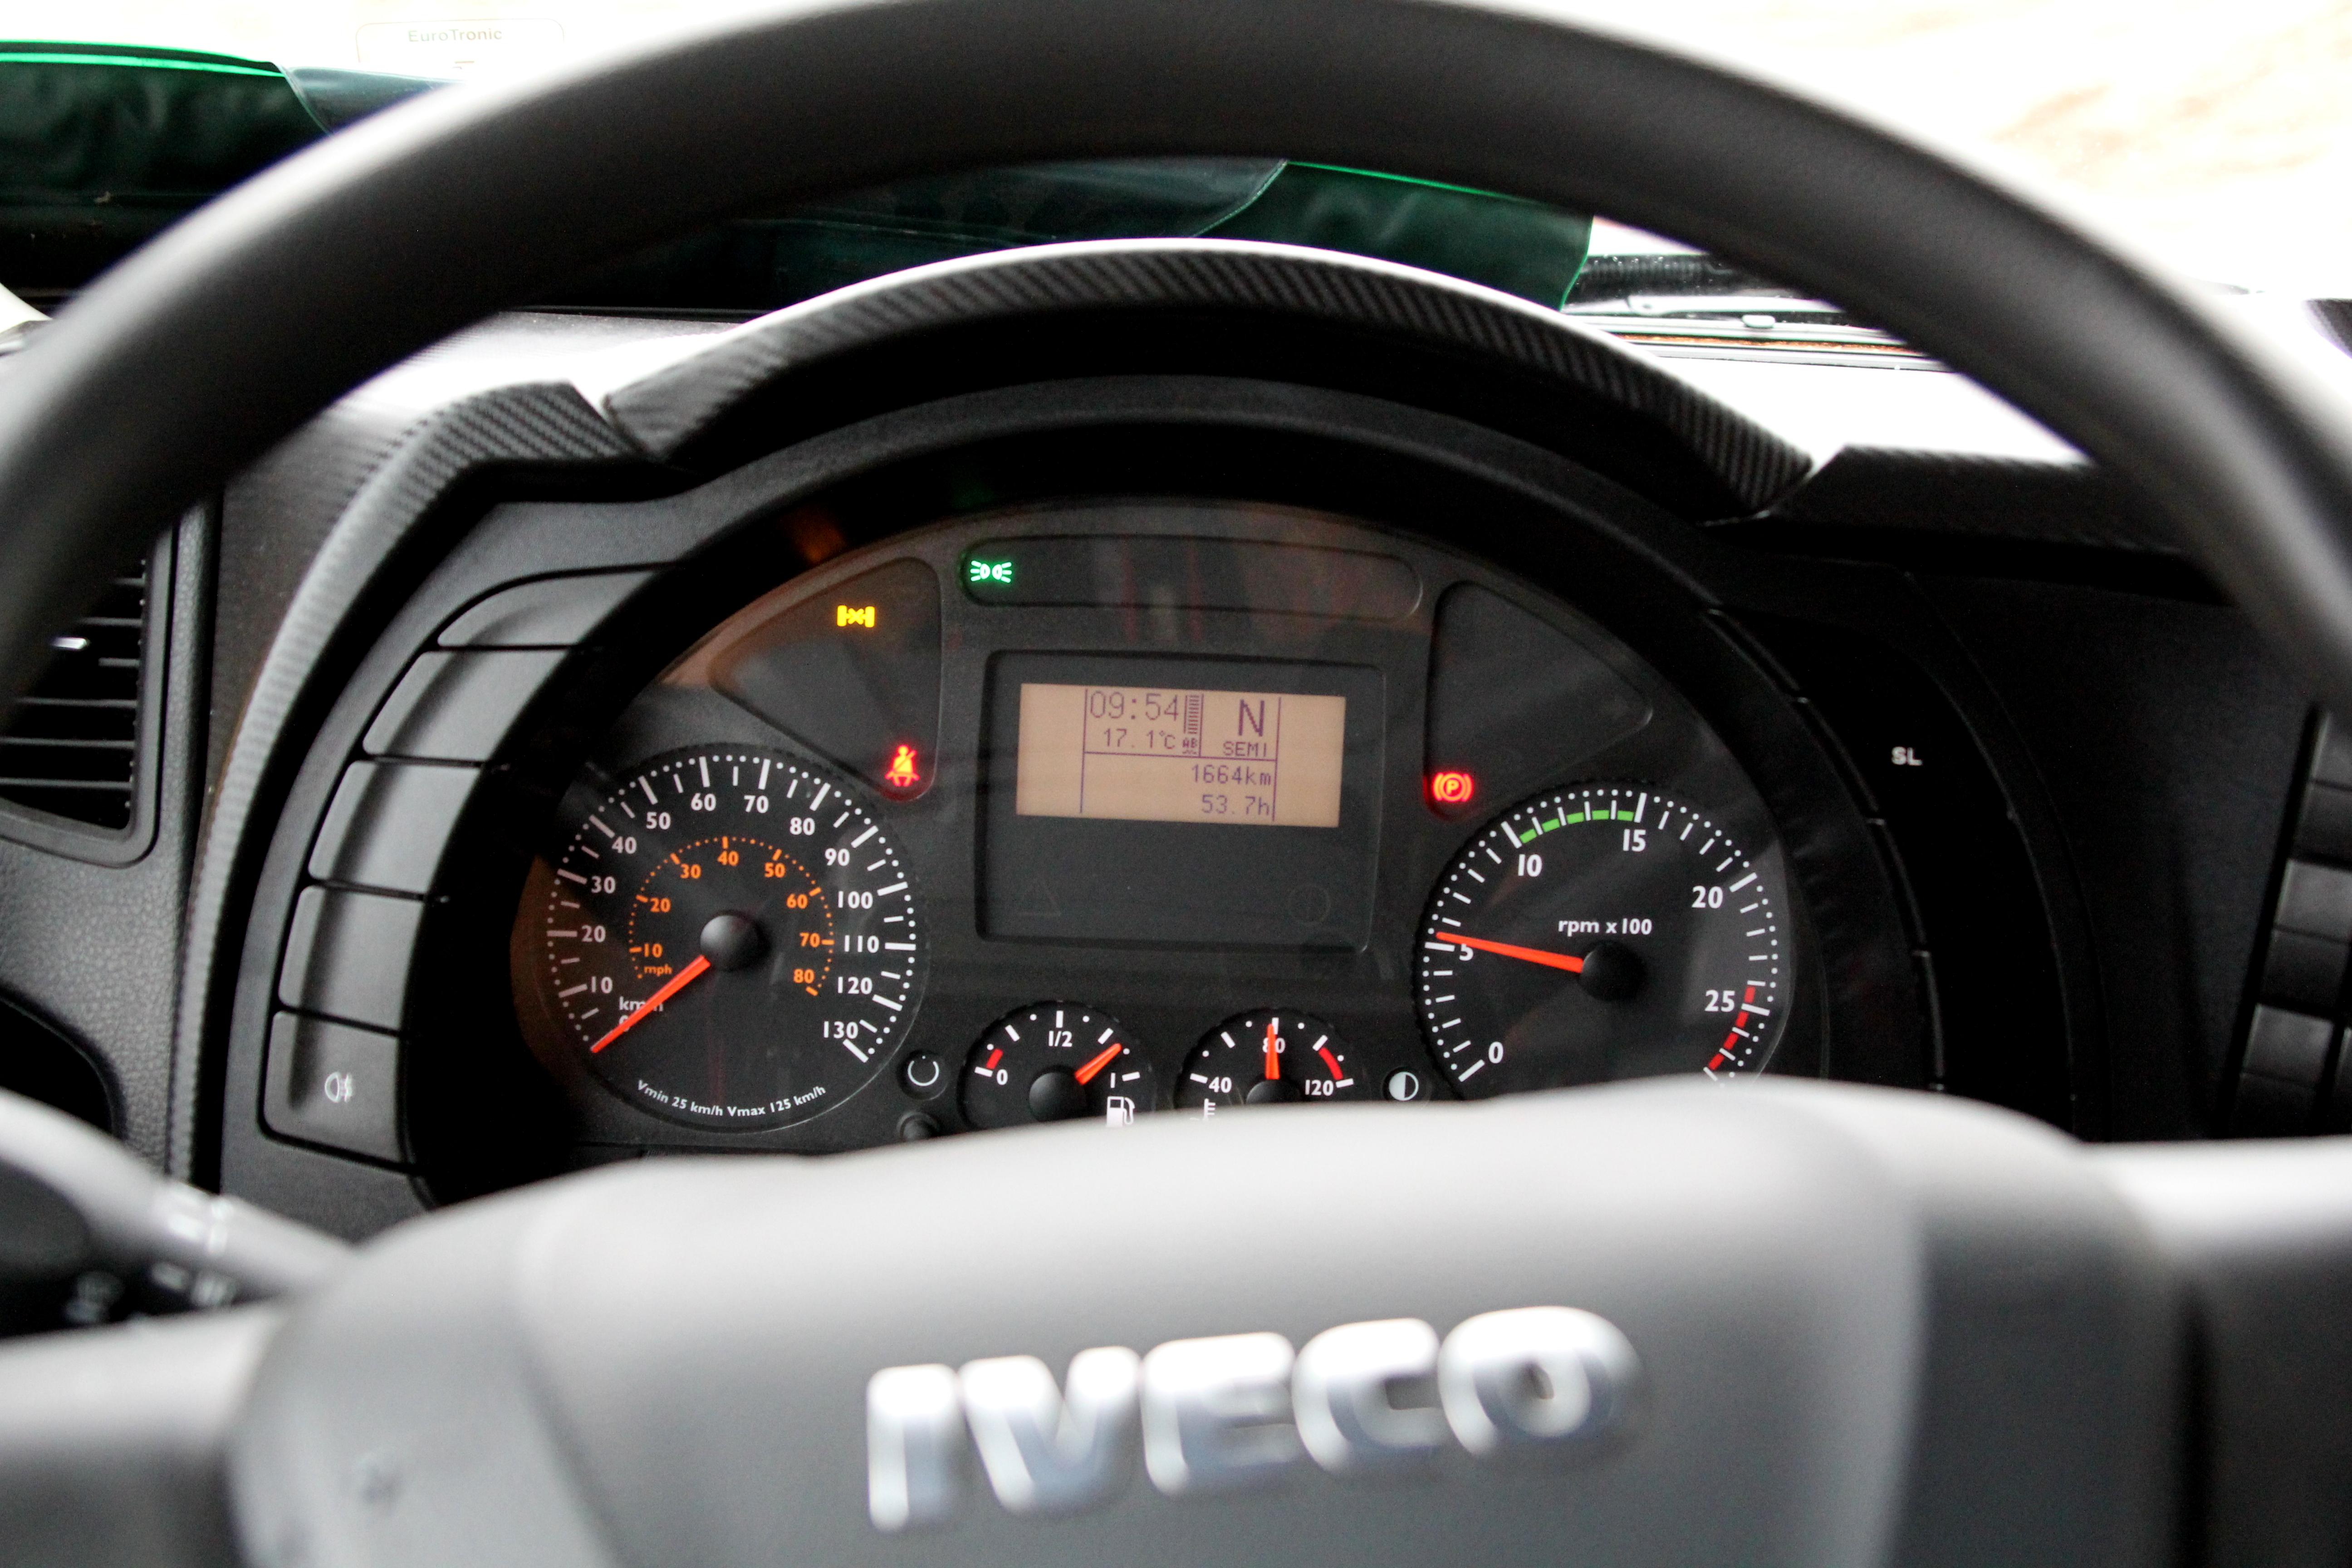 <p>Functioneel interieur met keurige displaybij de Iveco.</p>